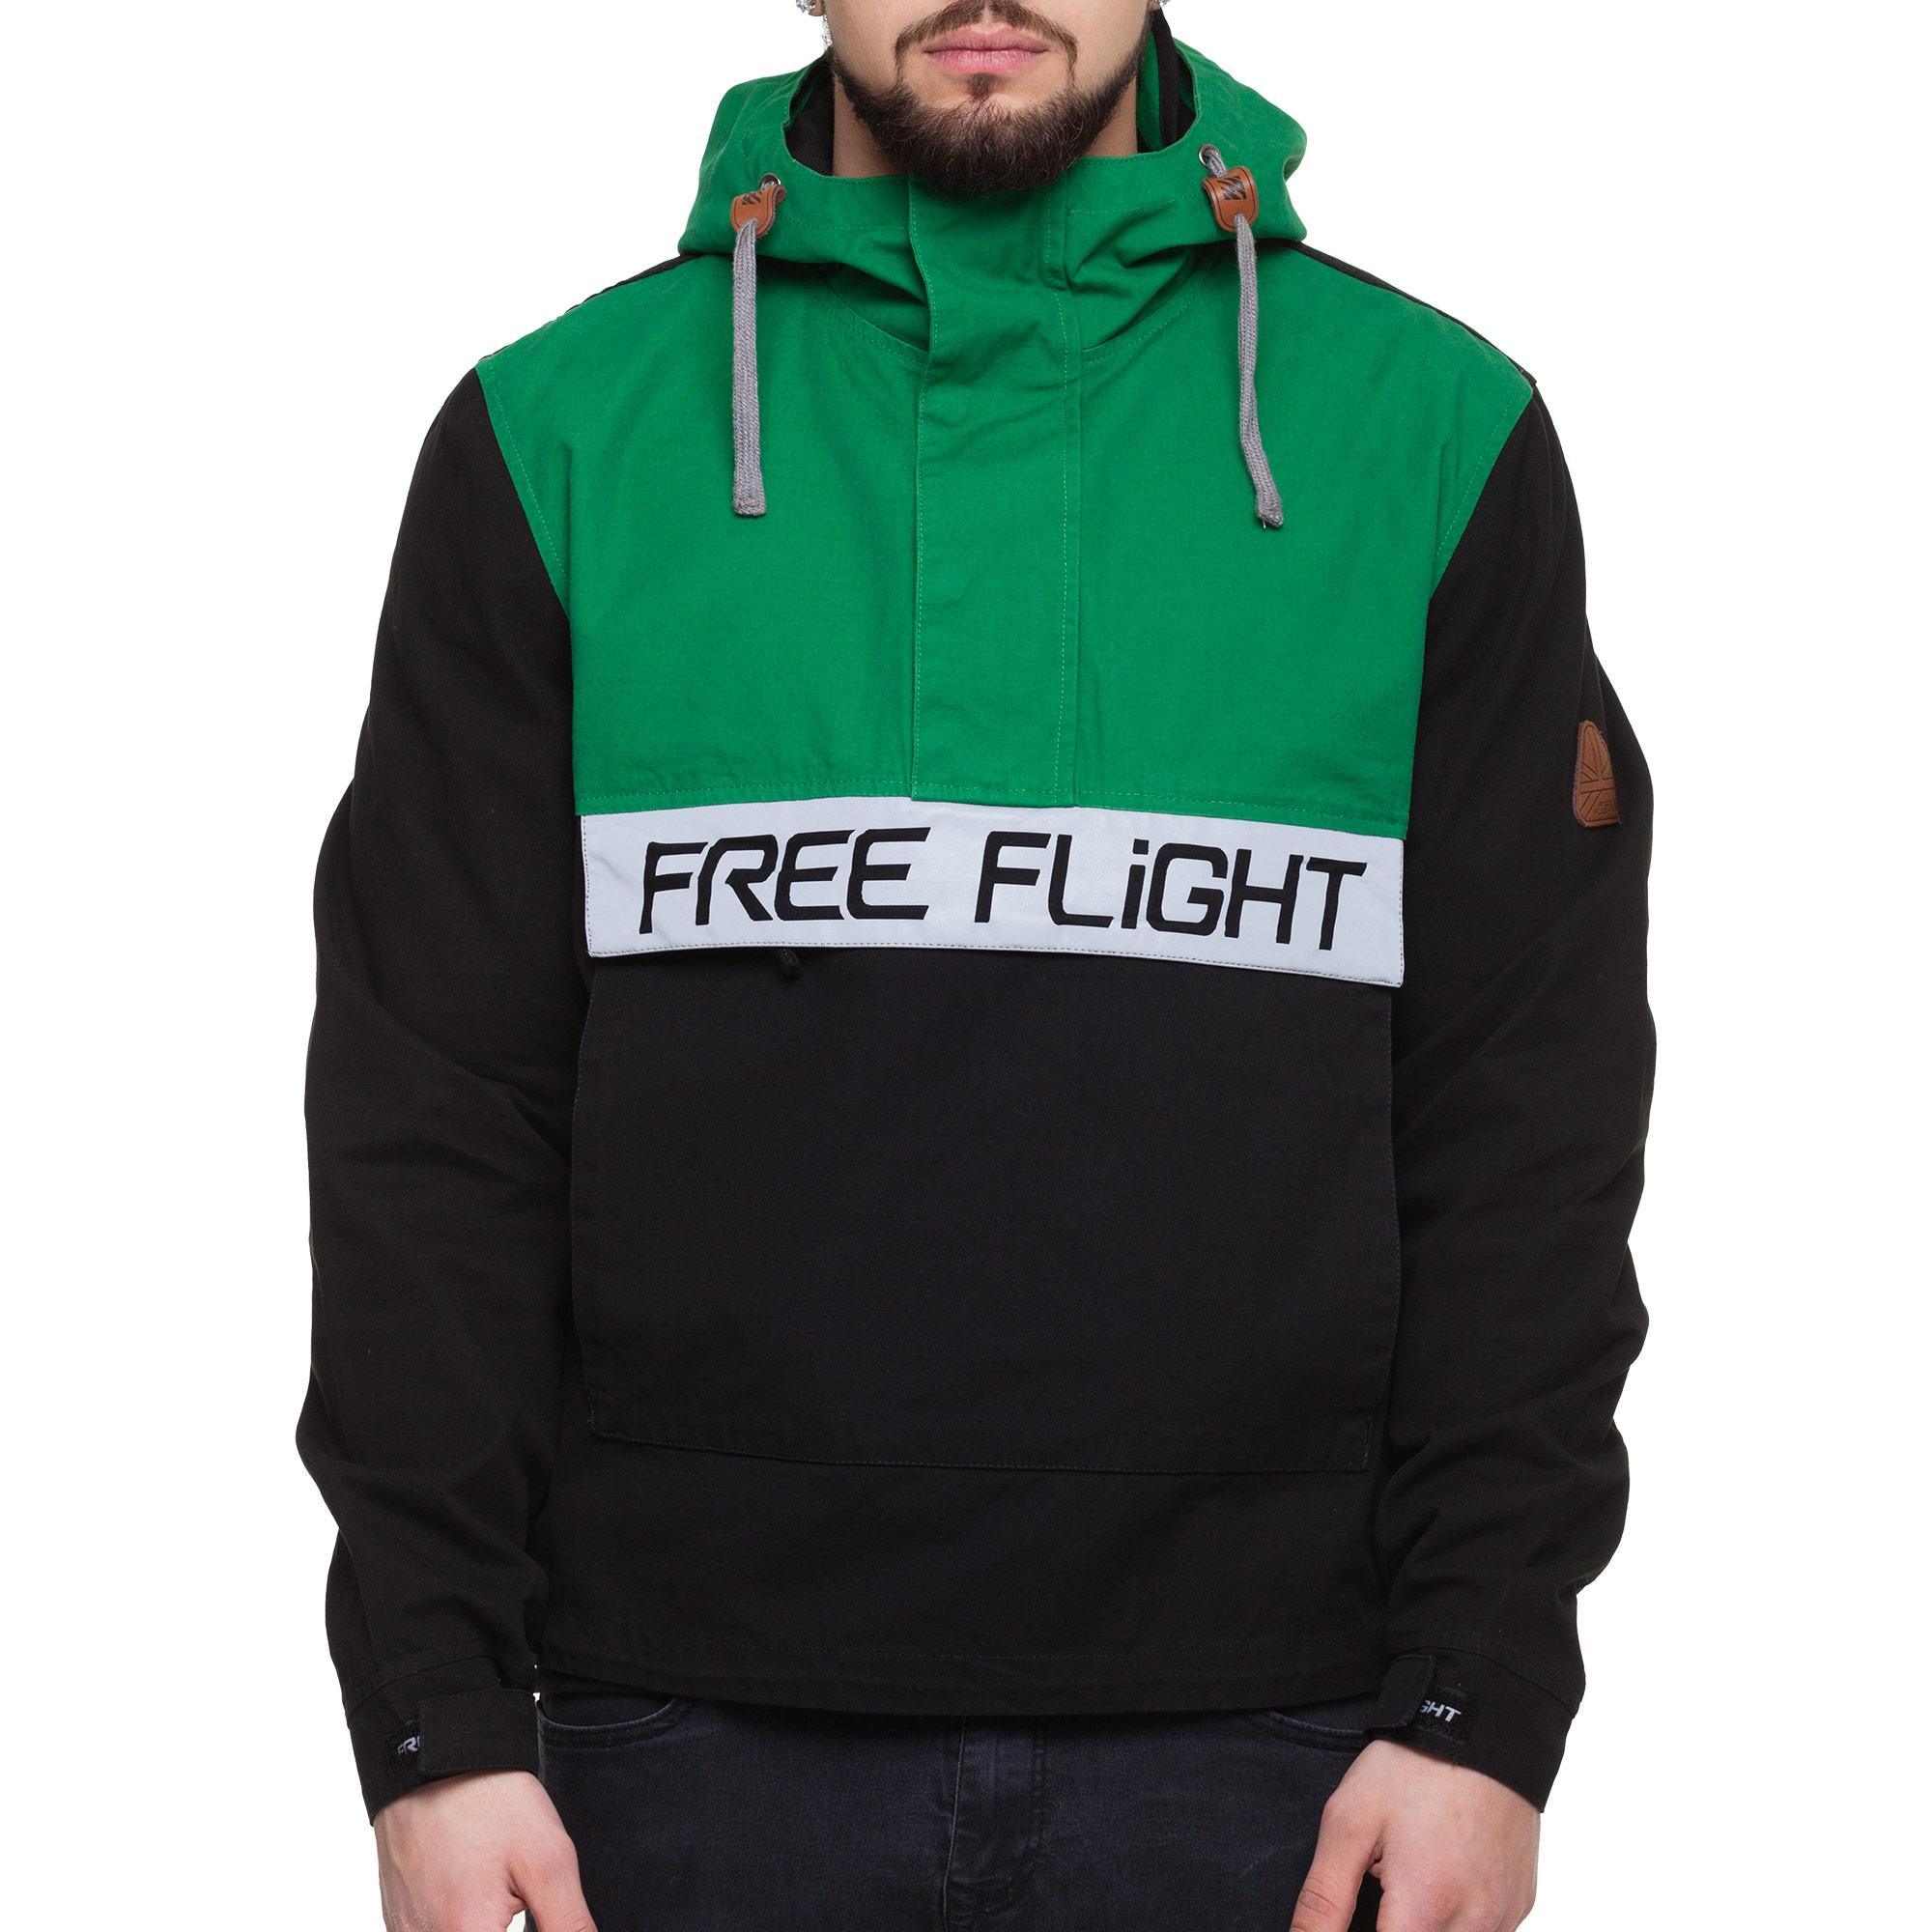 free flight одежда в спб